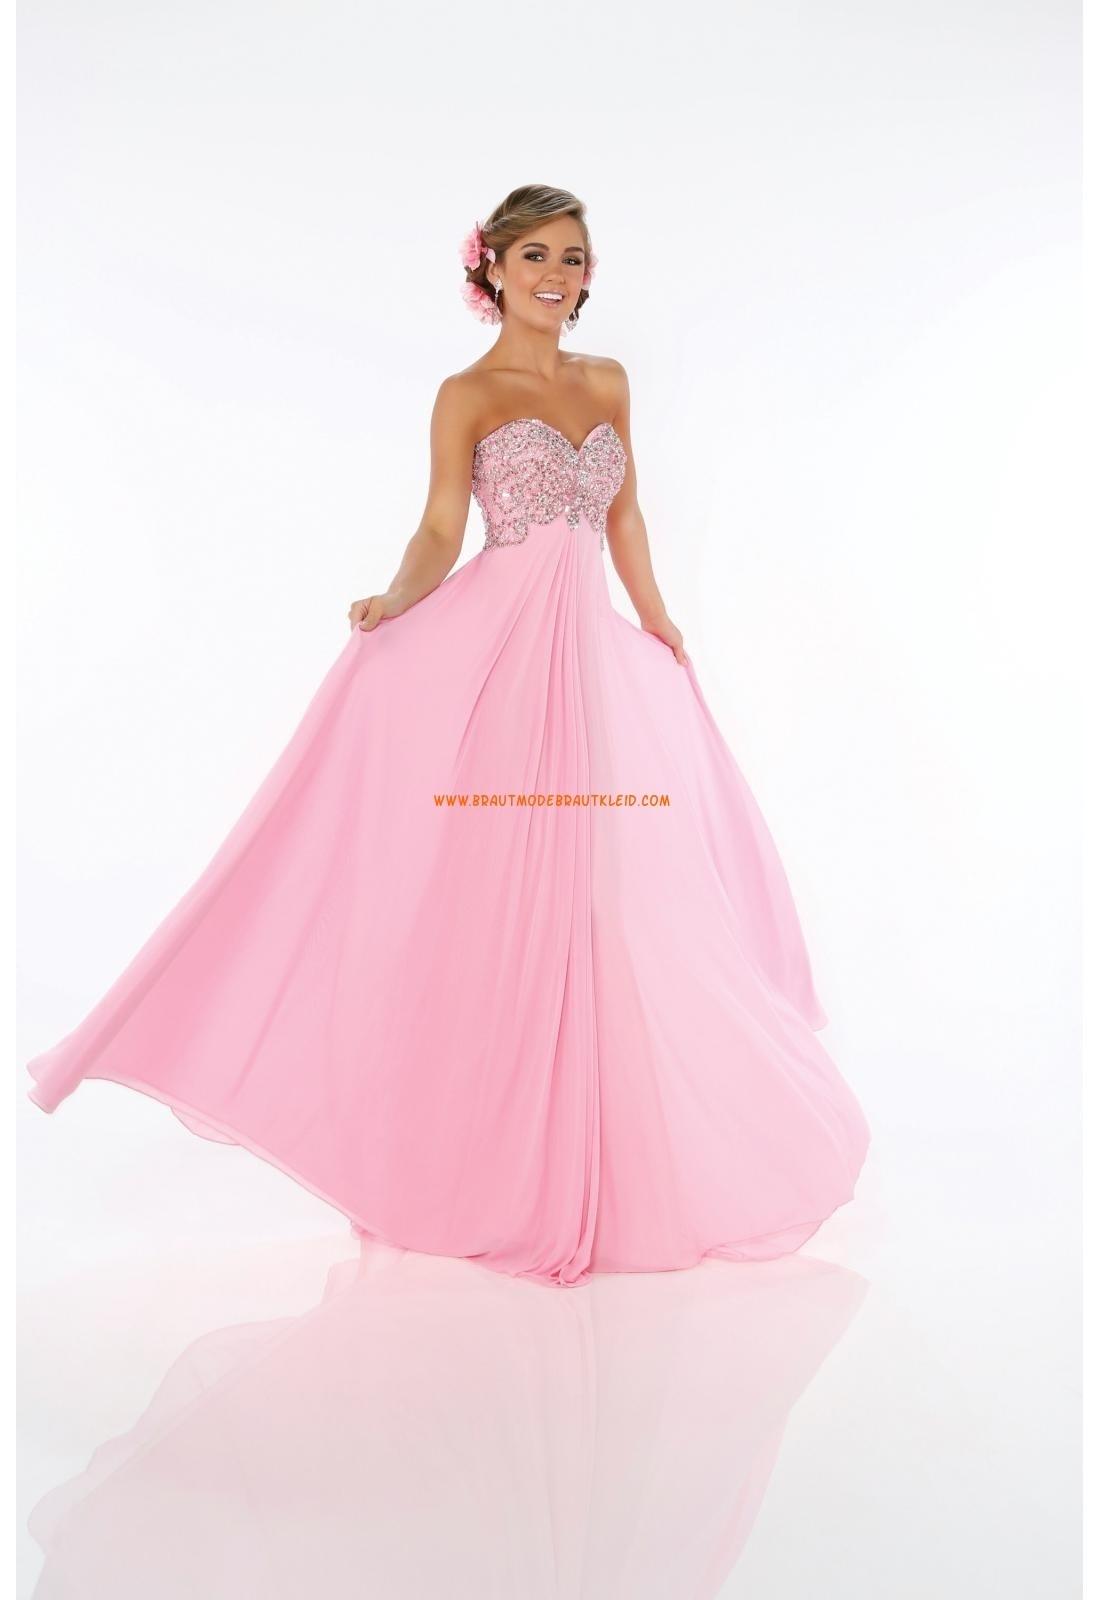 Formal Fantastisch Traumhafte Abendkleider Bester Preis20 Schön Traumhafte Abendkleider Spezialgebiet